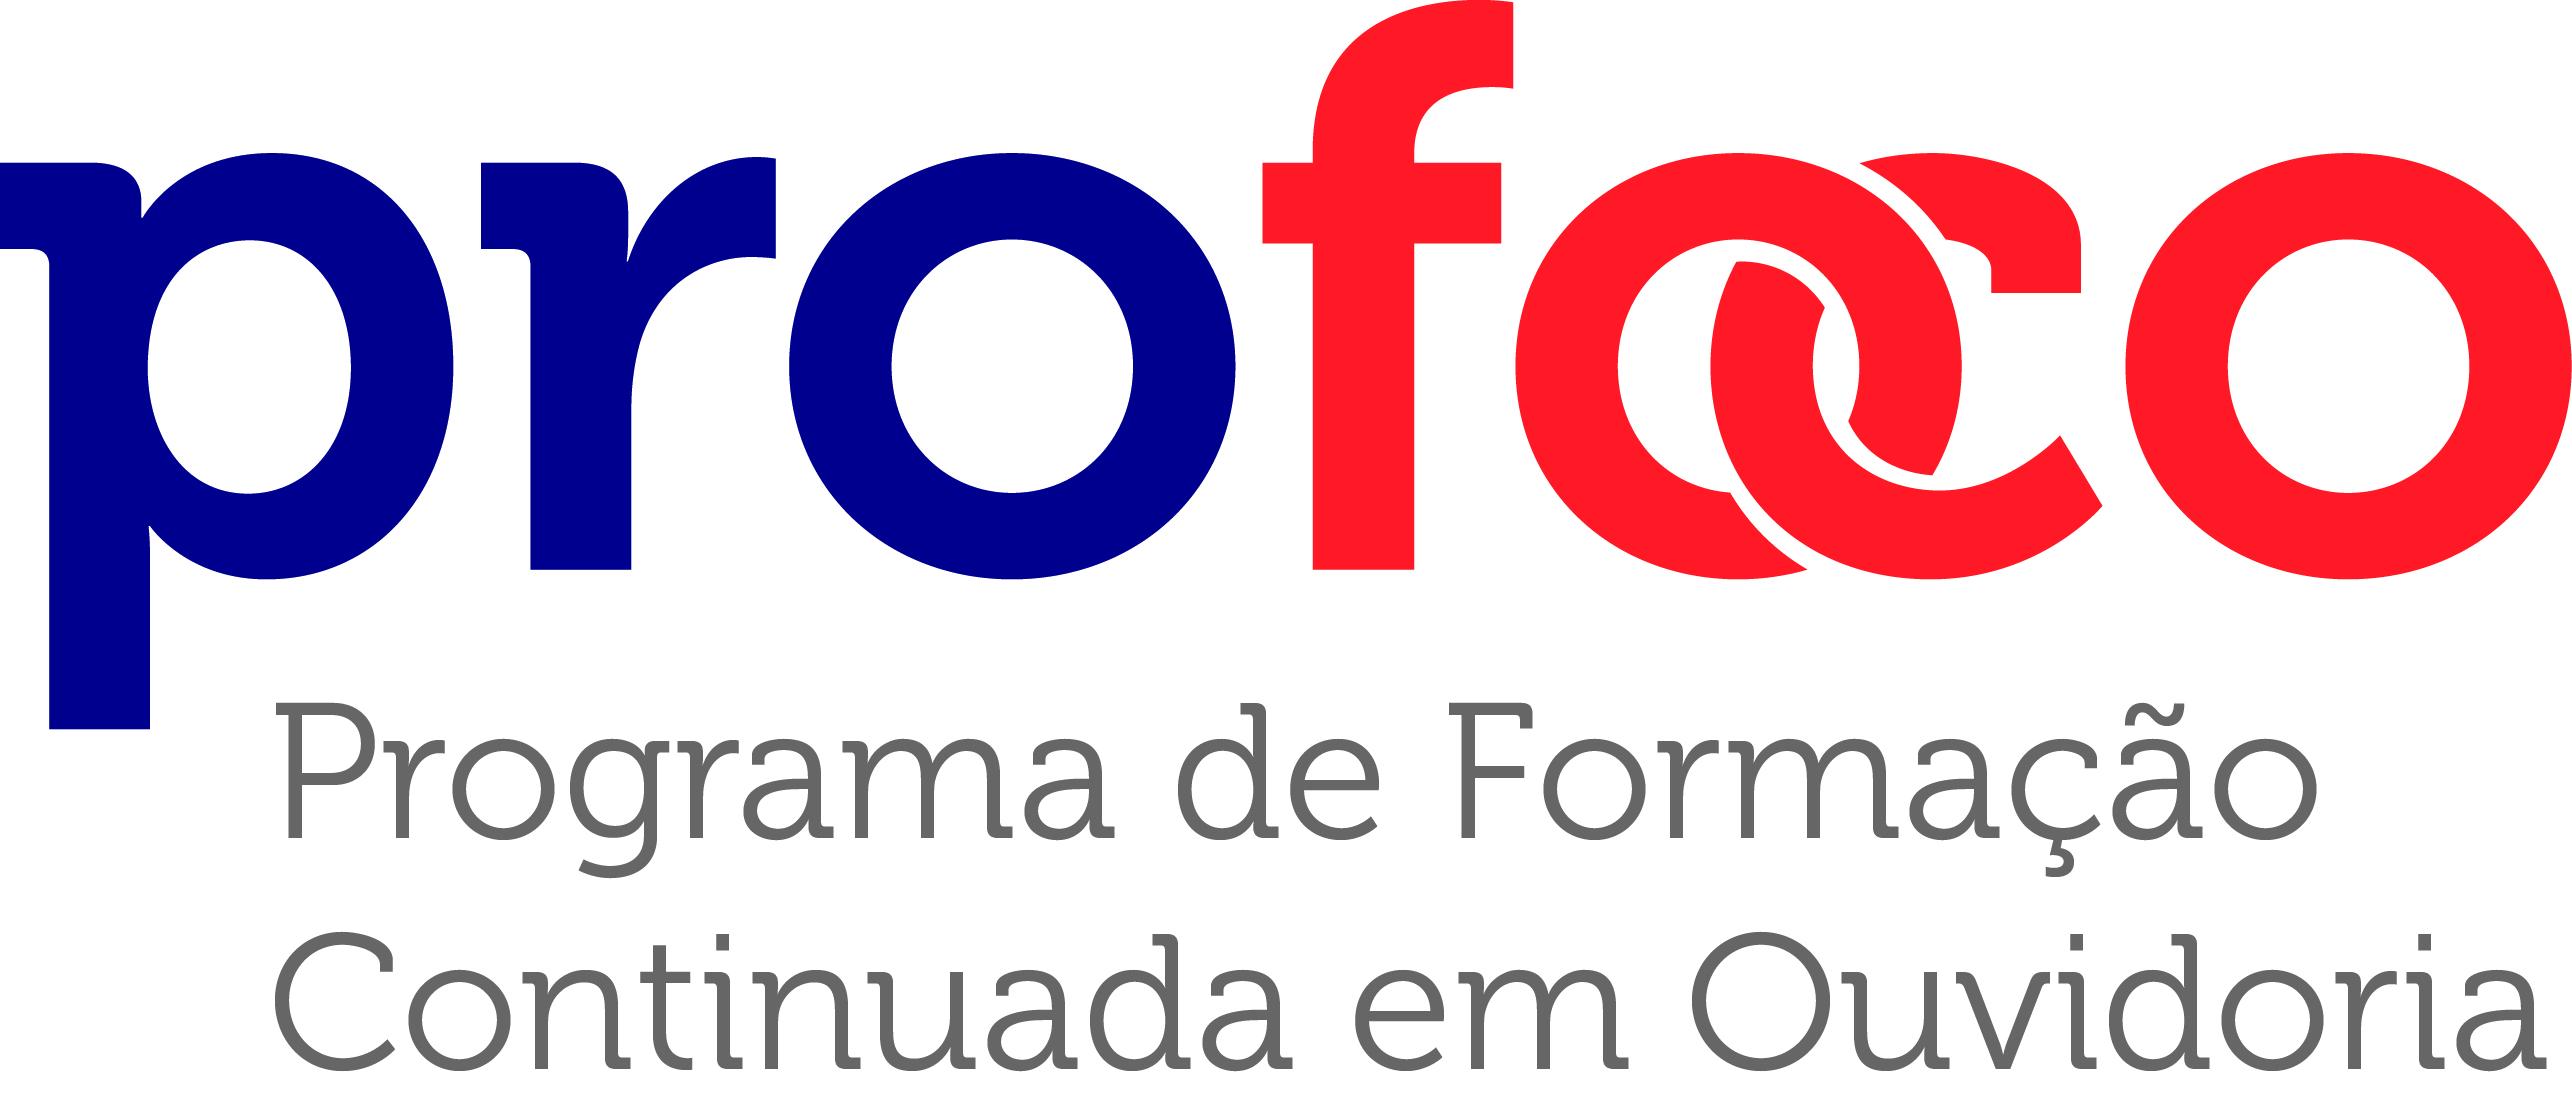 Curso Práticas de Atendimento ao Cidadão em Ouvidoria, no período de 25 a 27 de setembro de 2018, na cidade de Porto Velho/RO